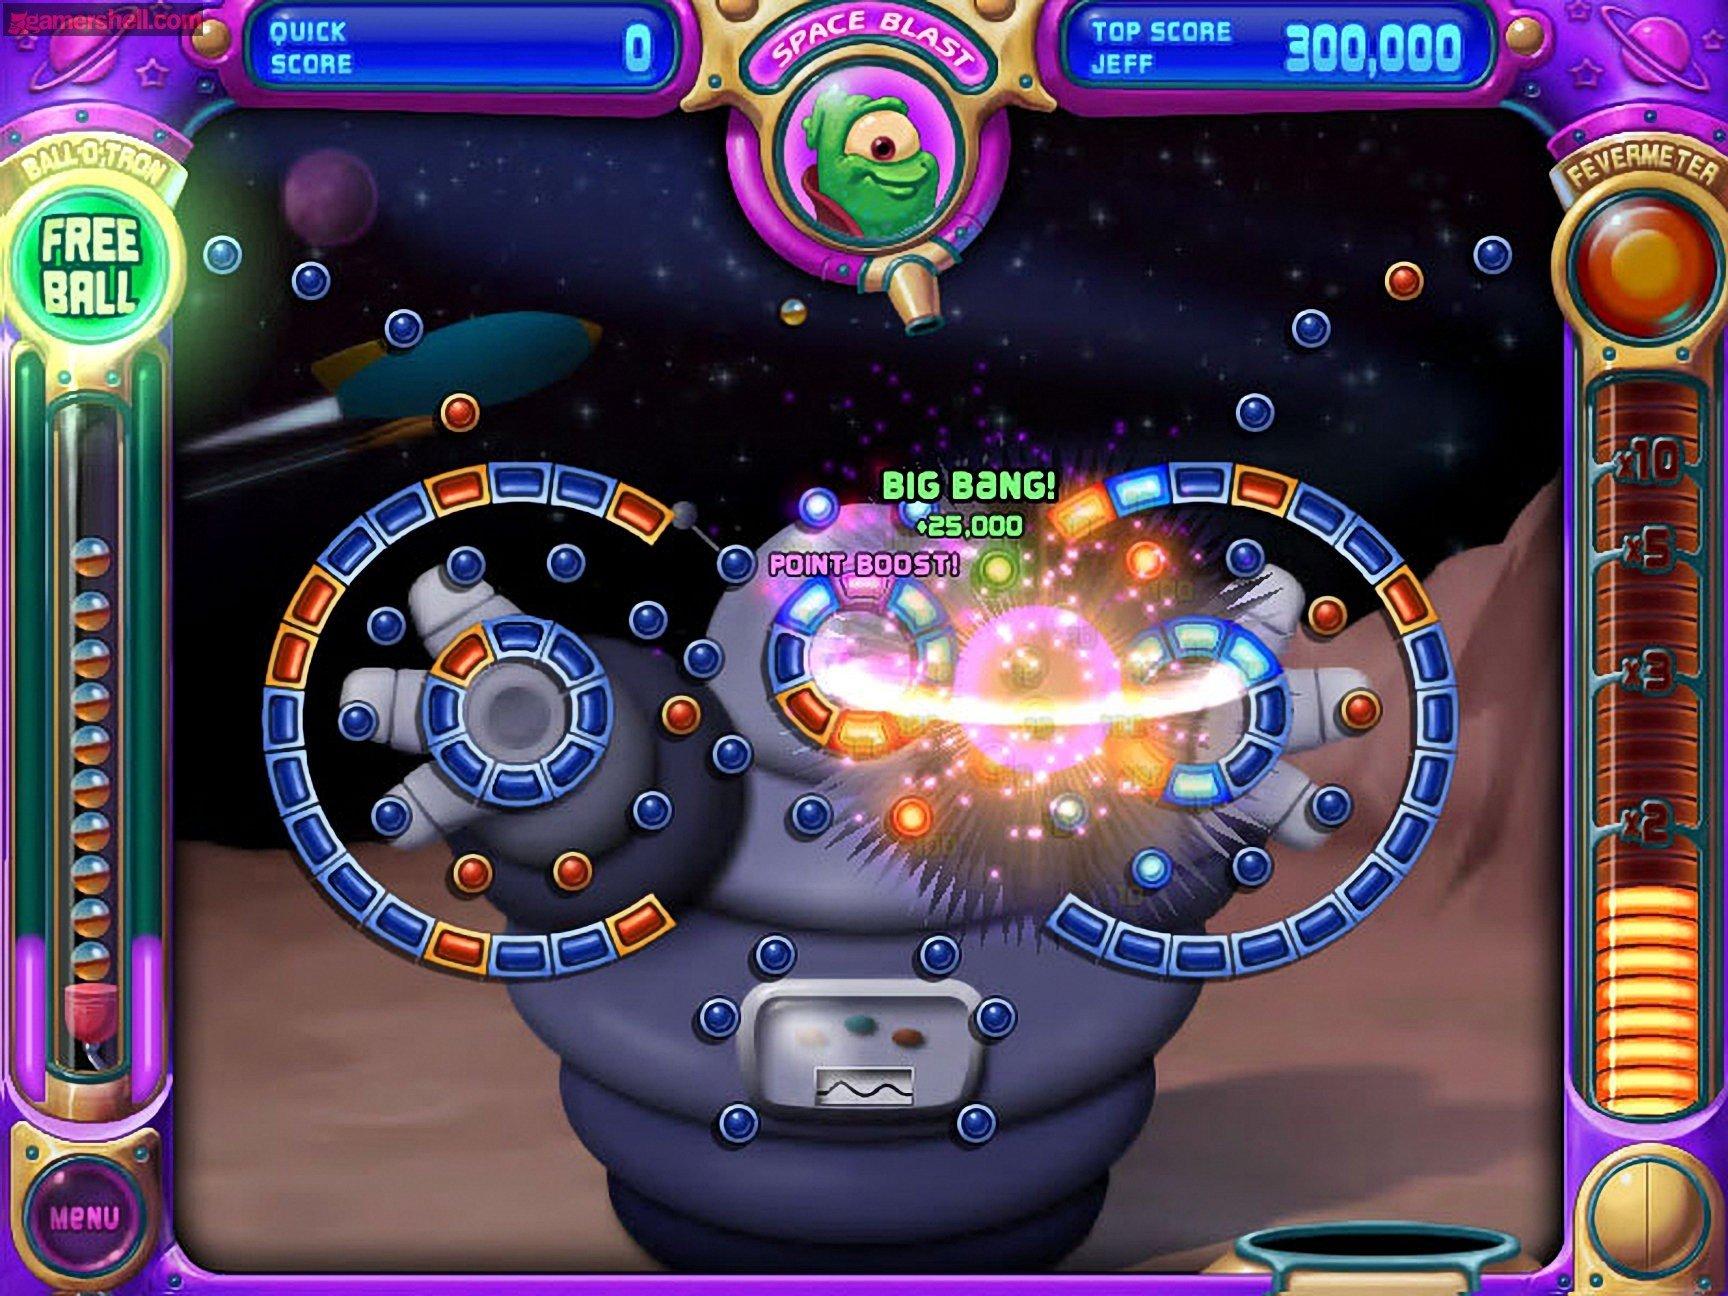 Сейчас в Origin идёт раздача одной из лучших игр 2007 года, успейте урвать себе тоже! - Изображение 1